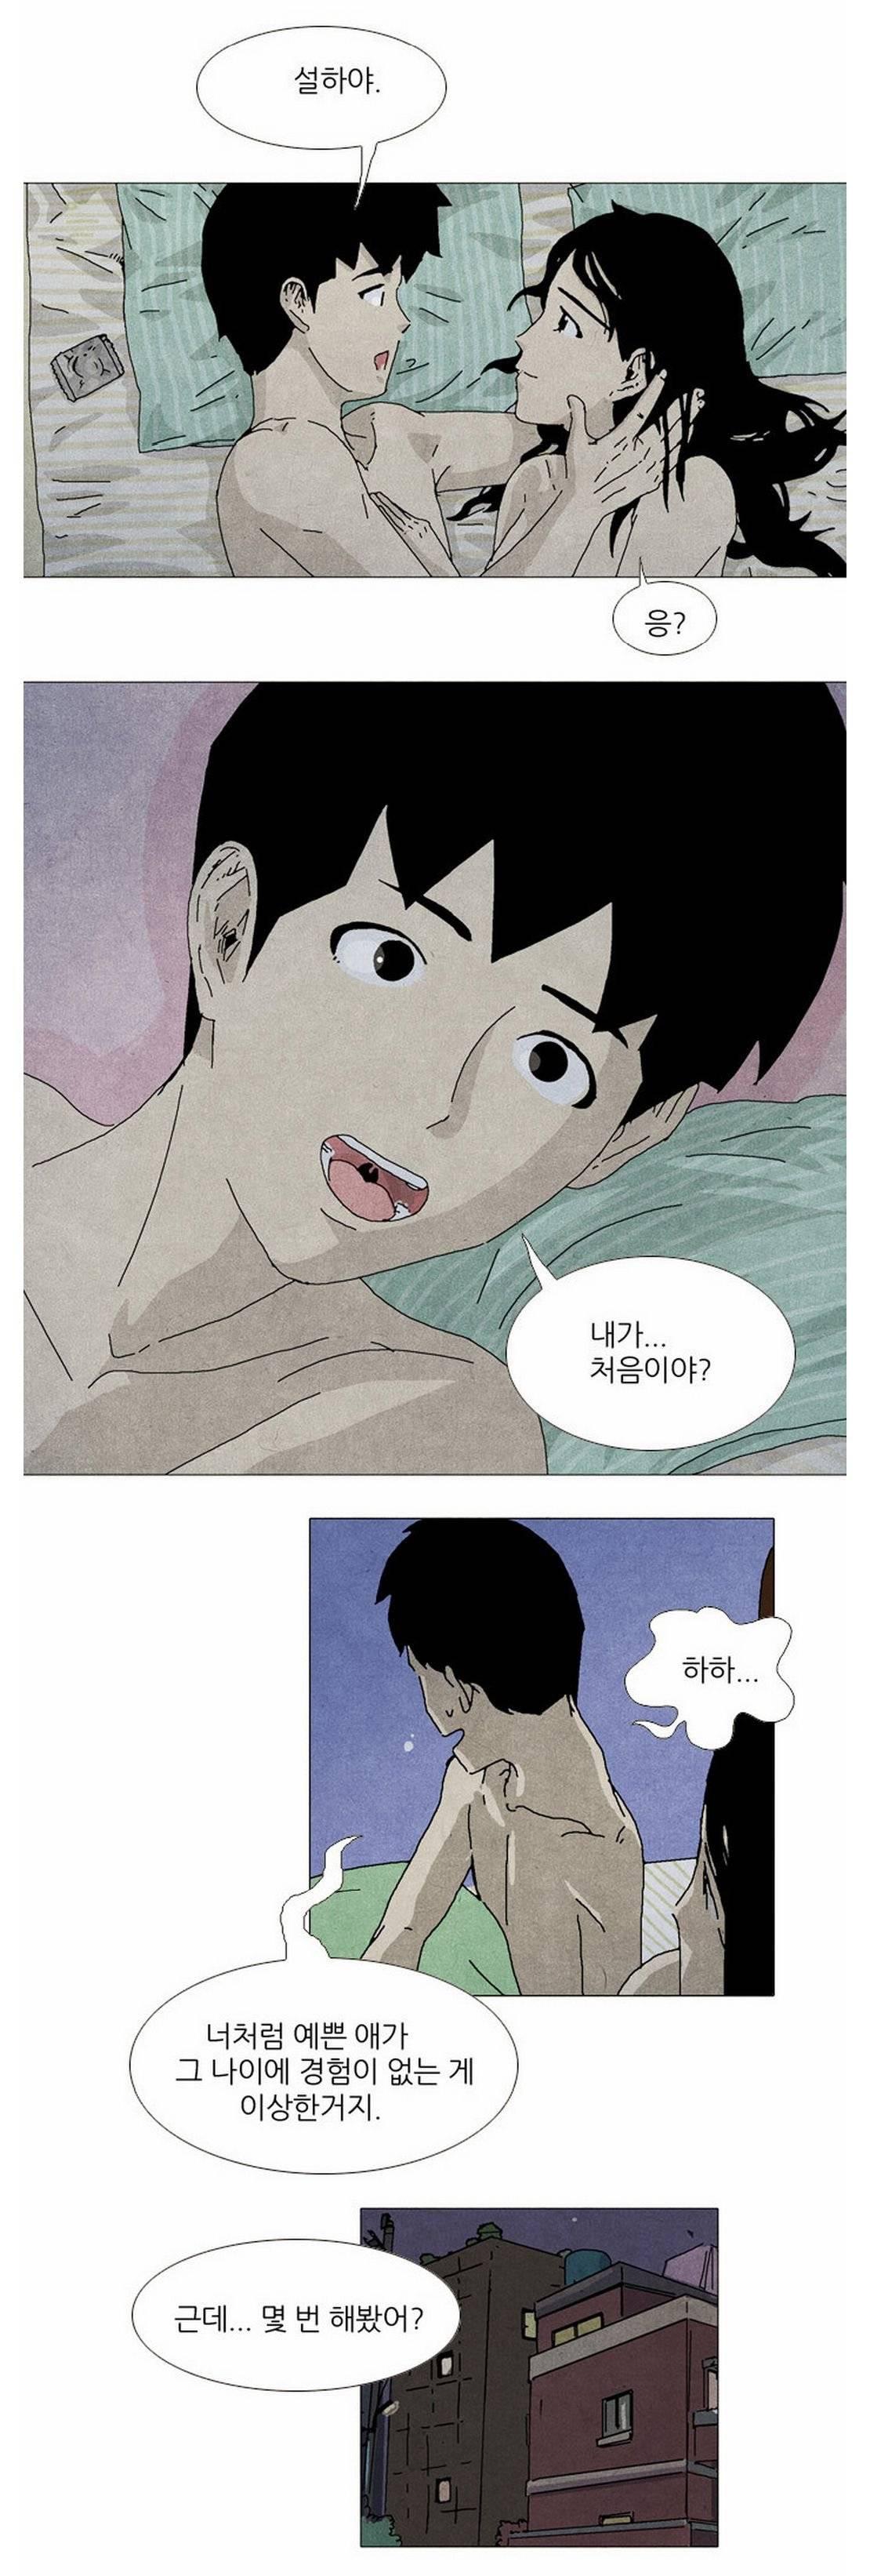 조병규가 복귀한다는 찌질의 역사 웹툰 원작 몇 장면 | 인스티즈